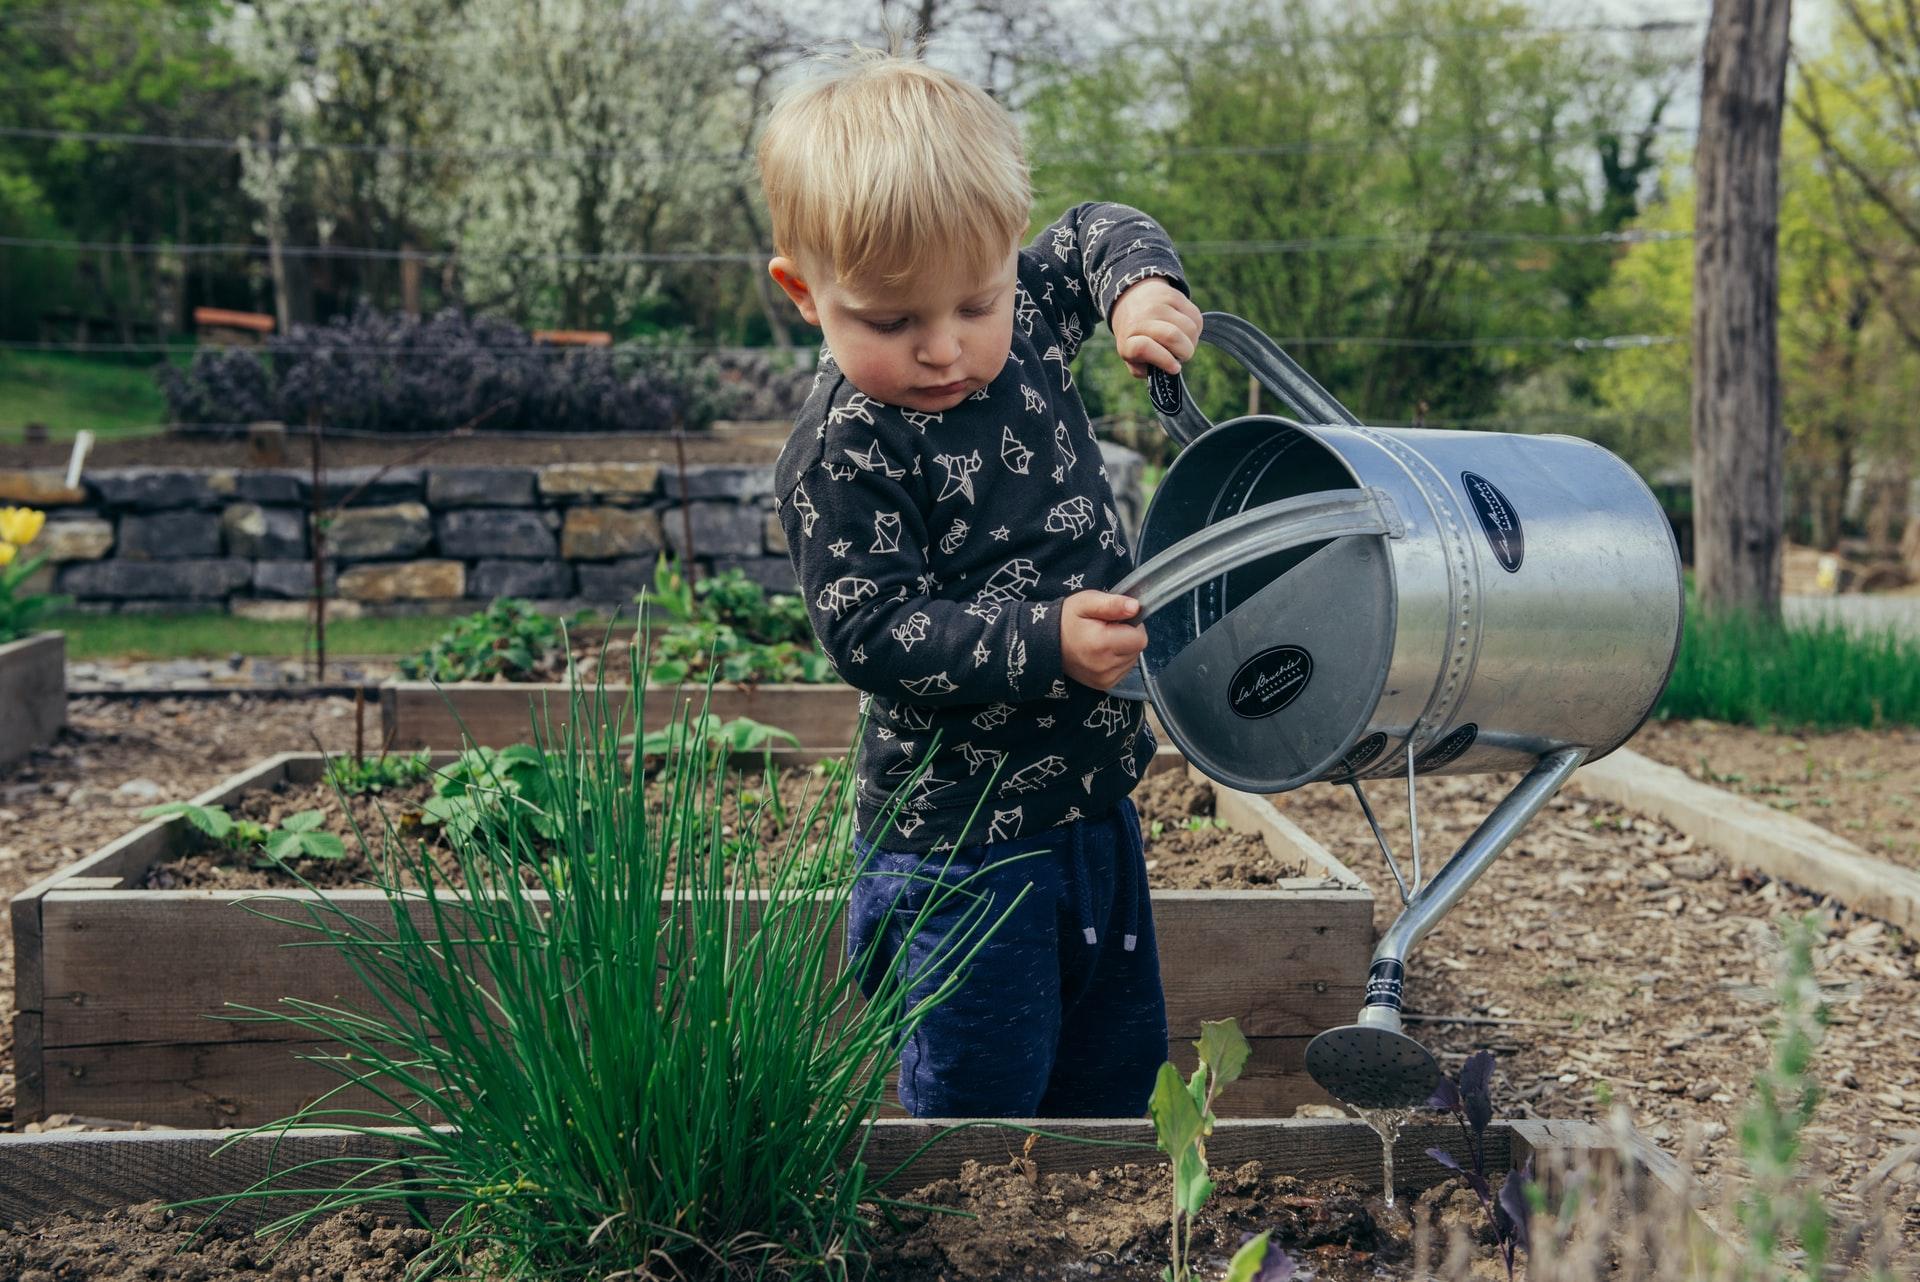 filip urban ffJ8Qa0VQU0 unsplash - Gør havearbejdet nemmere med højbede